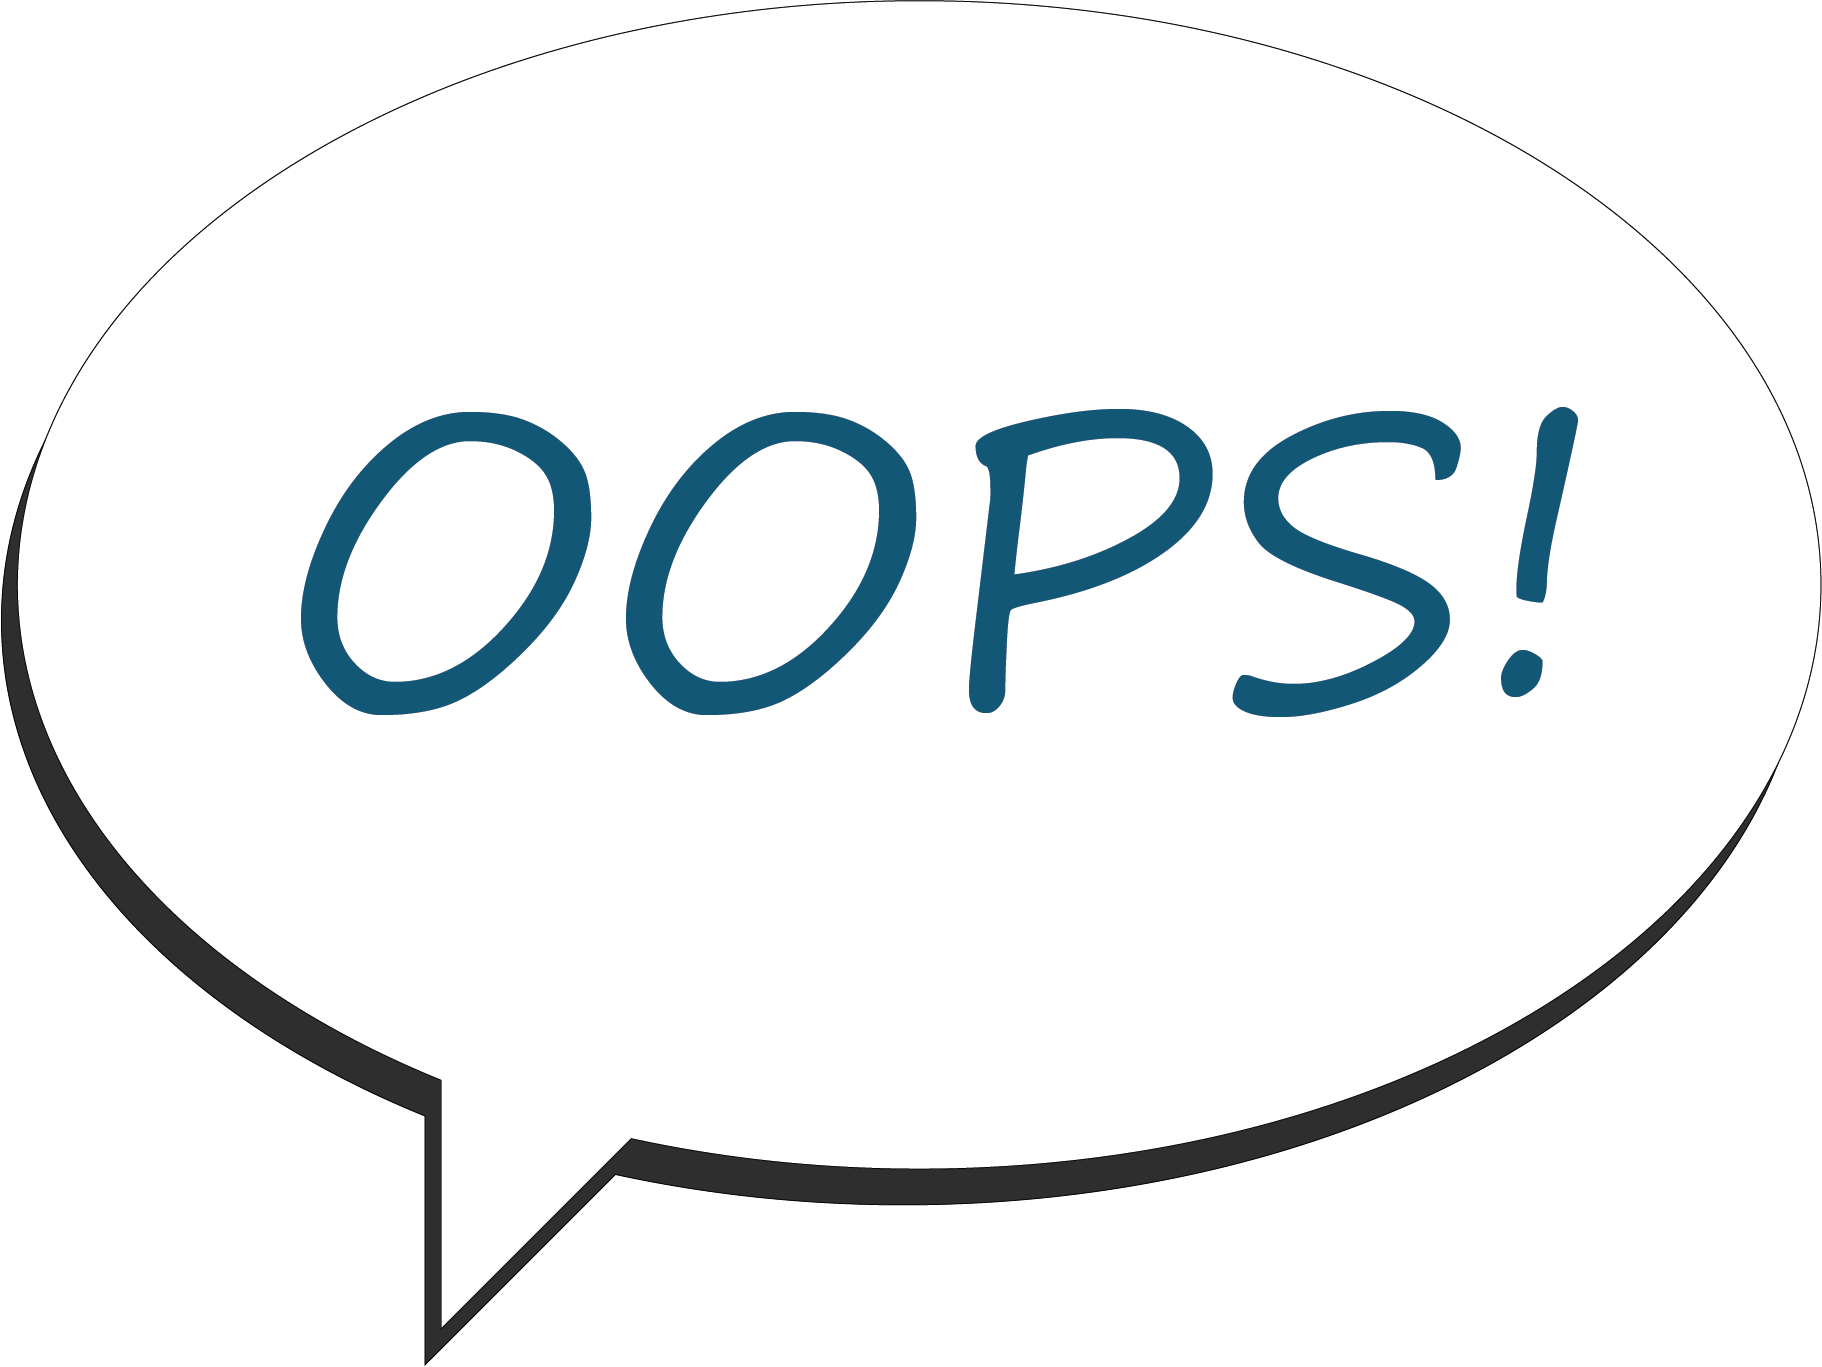 Mistakes to avoid . Statistics clipart data analysis interpretation